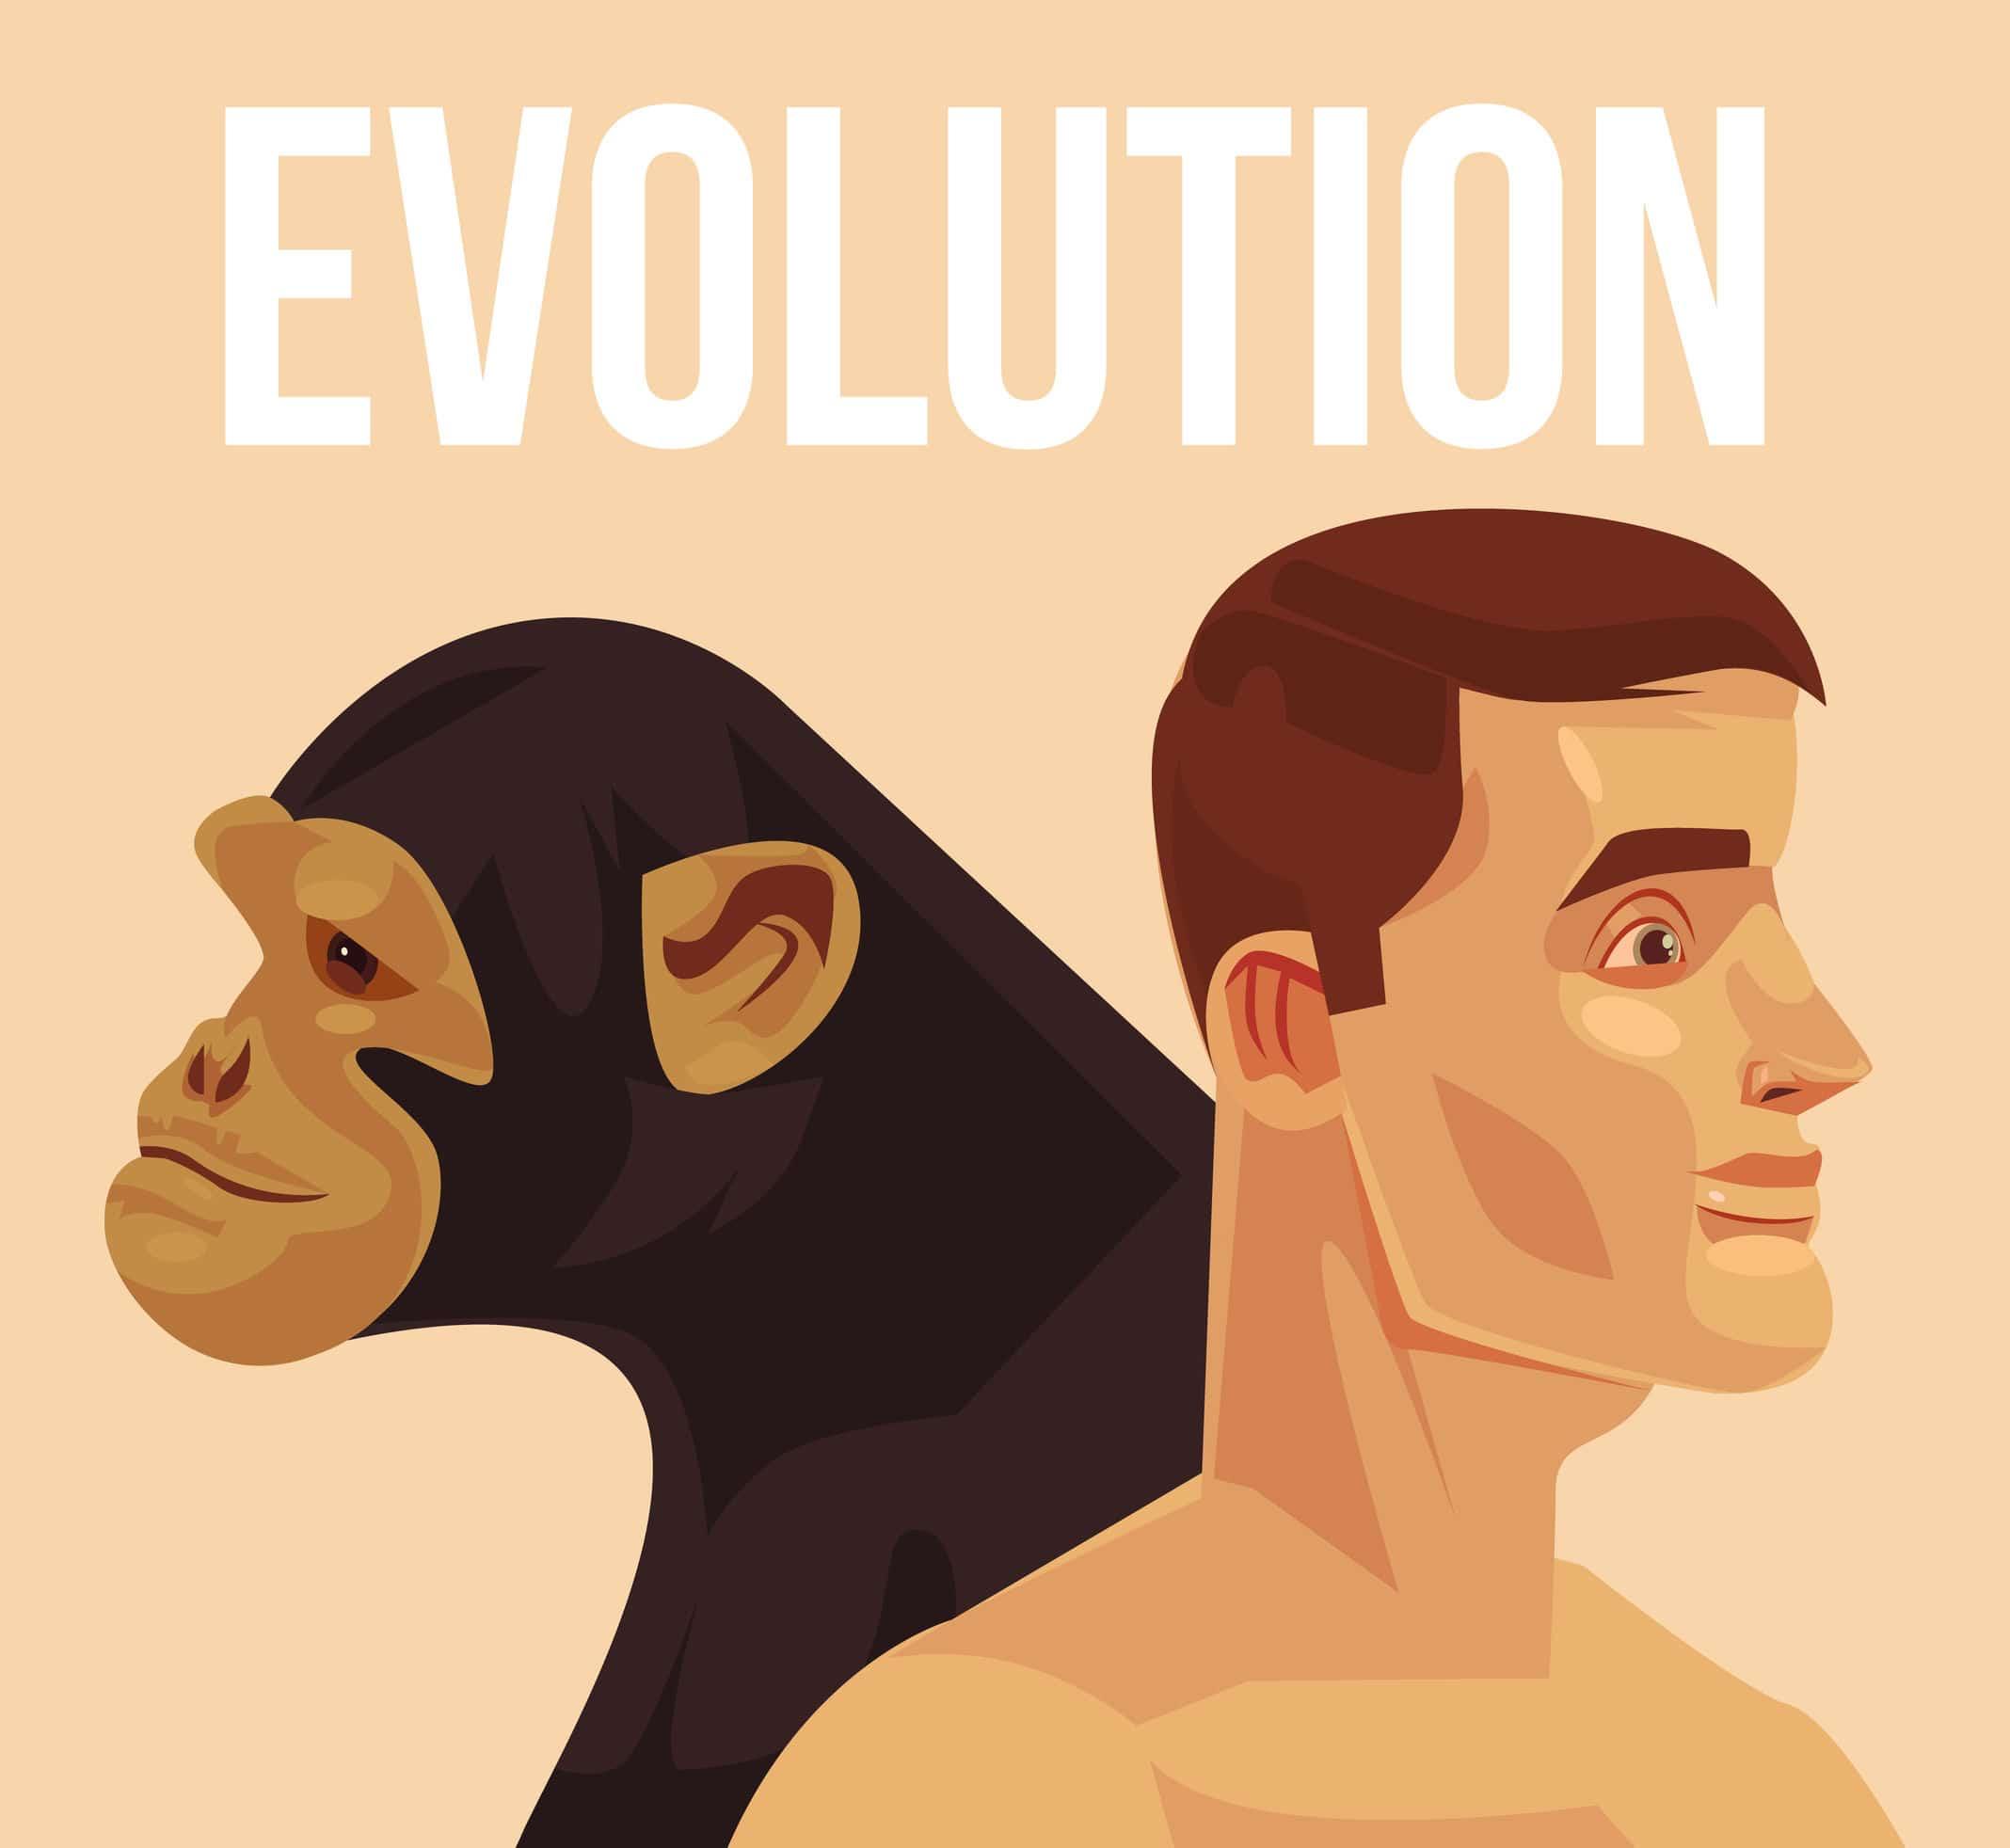 Imagem gráfica de um homem e uma macaco. Ambos olham em direções opostas. No topo da imagem está escrito Evolução em inglês.